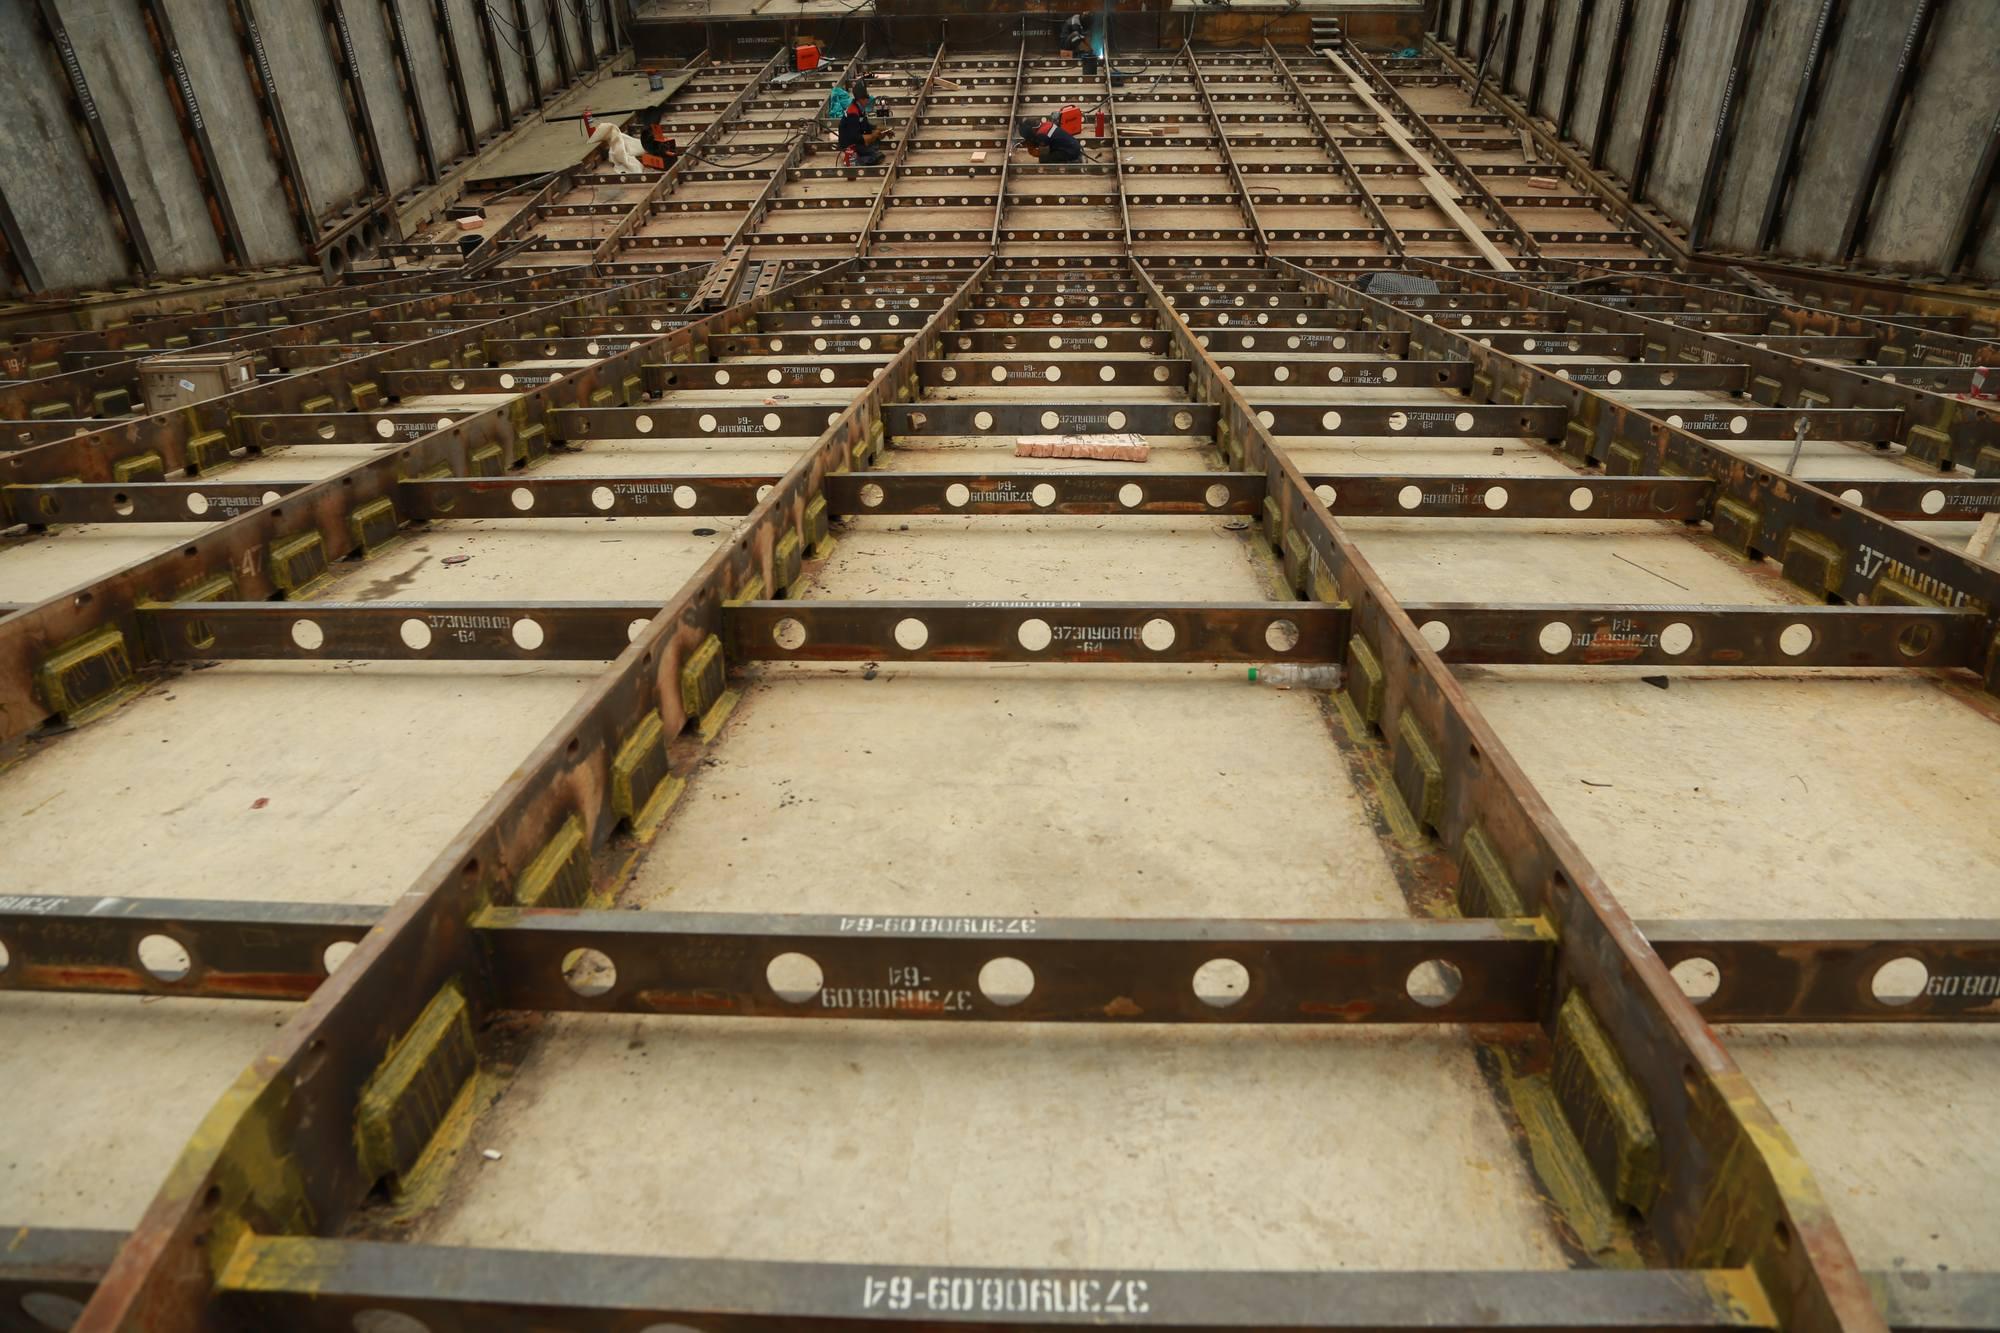 La tranchée d'évacuation des gaz (sur la partie proche de la table de tir) sera recouverte de plaques metalliques (acier) ou de béton coulé dans des structures métalliques (selon la distance à la table).